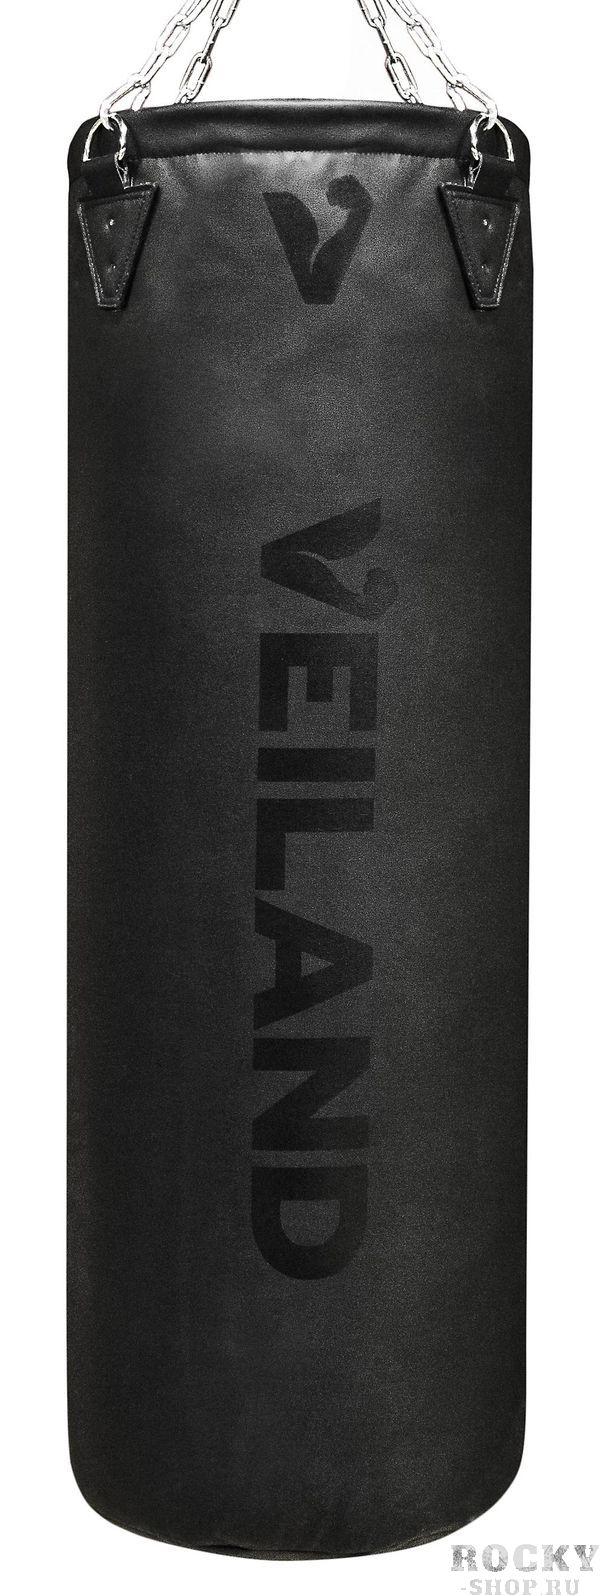 Боксерский мешок Veiland, рециклированная кожа, 120 х 35см, 45 кг Veiland